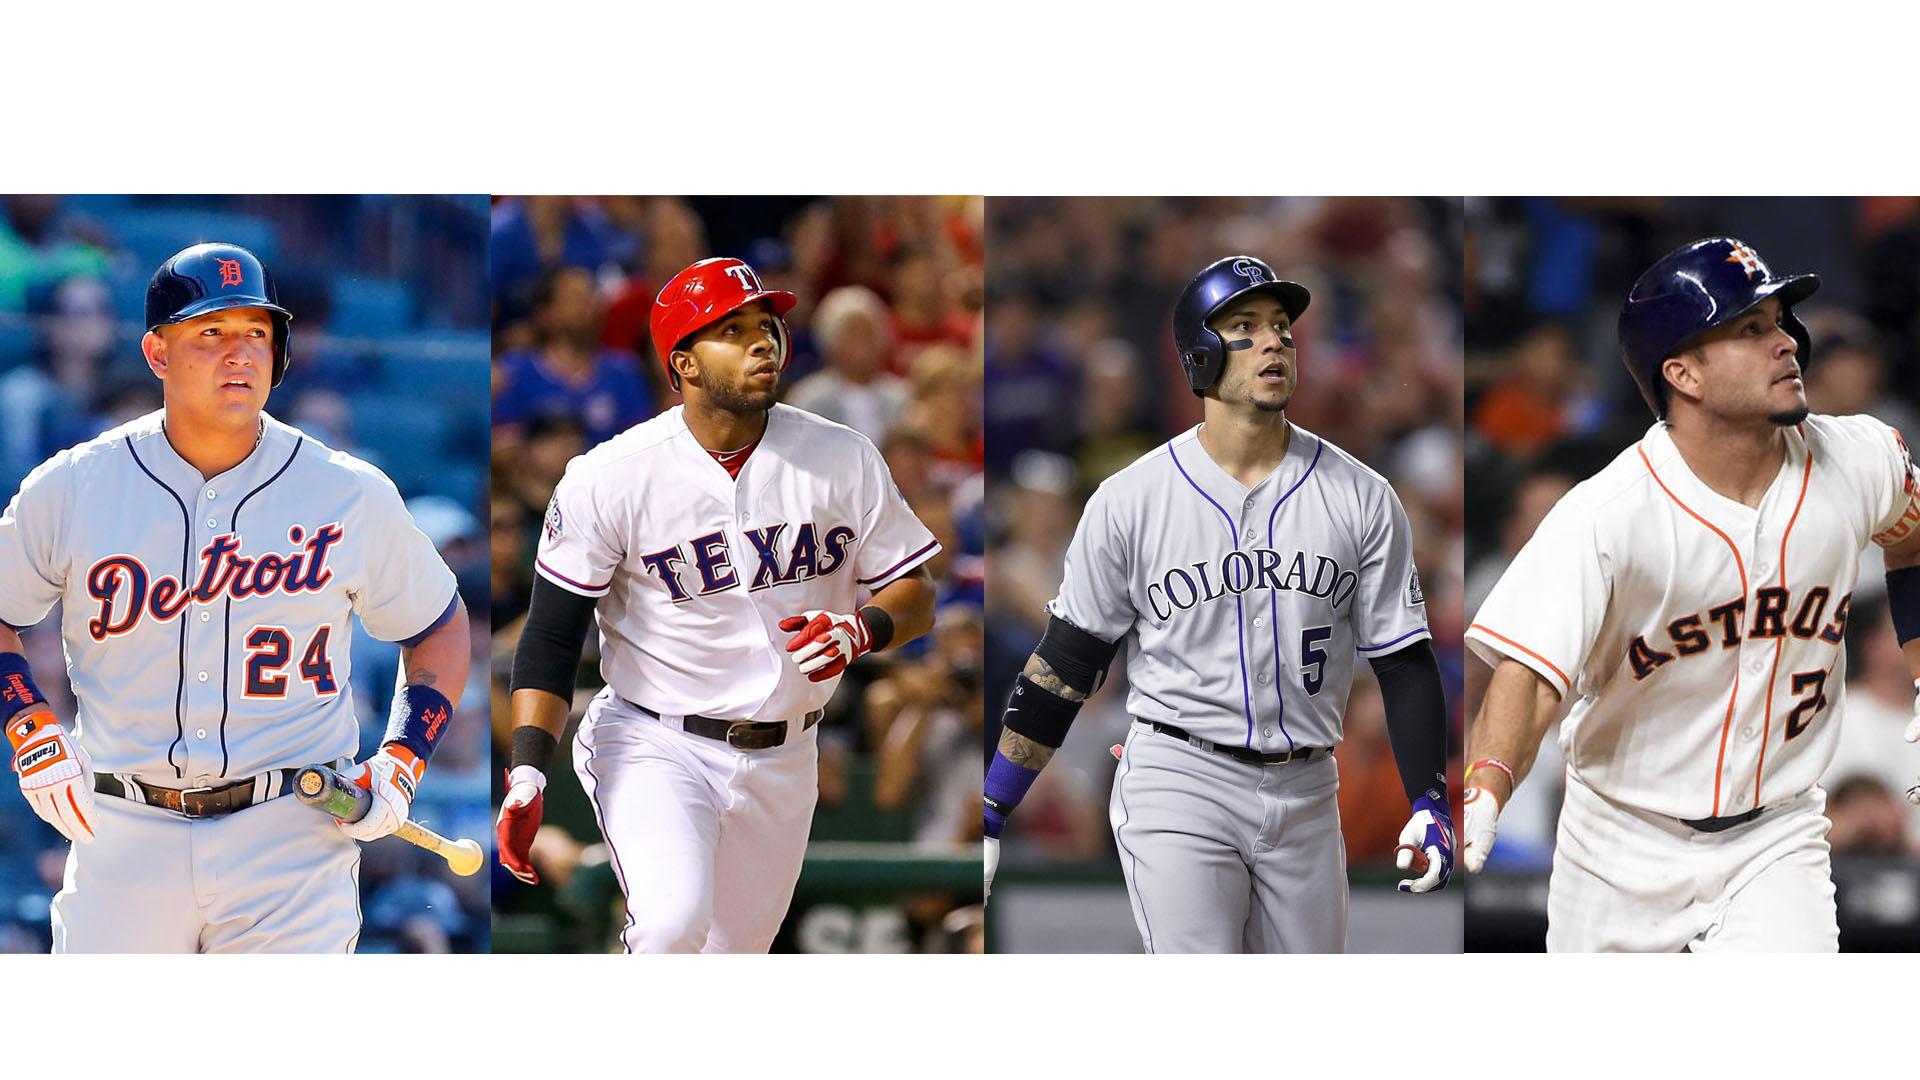 En esta temporada regular los venezolanos han logrado conectar 505 jonrones implantando una nueva marca en la historia del béisbol venezolano en la MLB